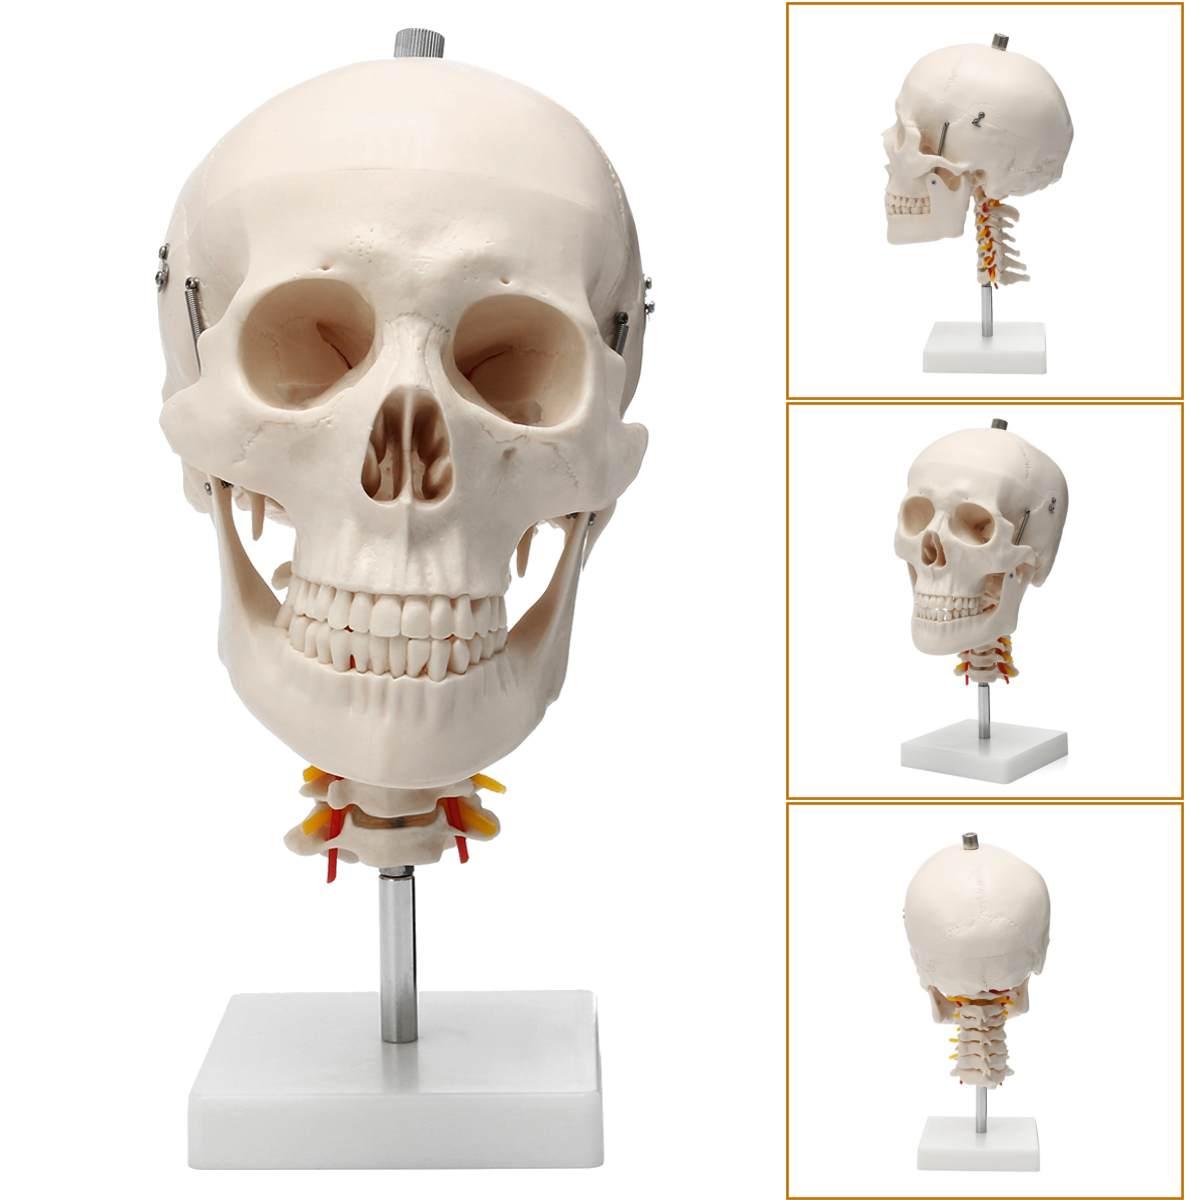 1:1 taille réelle crâne humain anatomie anatomique crâne modèle tête cervicale colonne vertébrale squelette école éducatif médical enseignement modèle